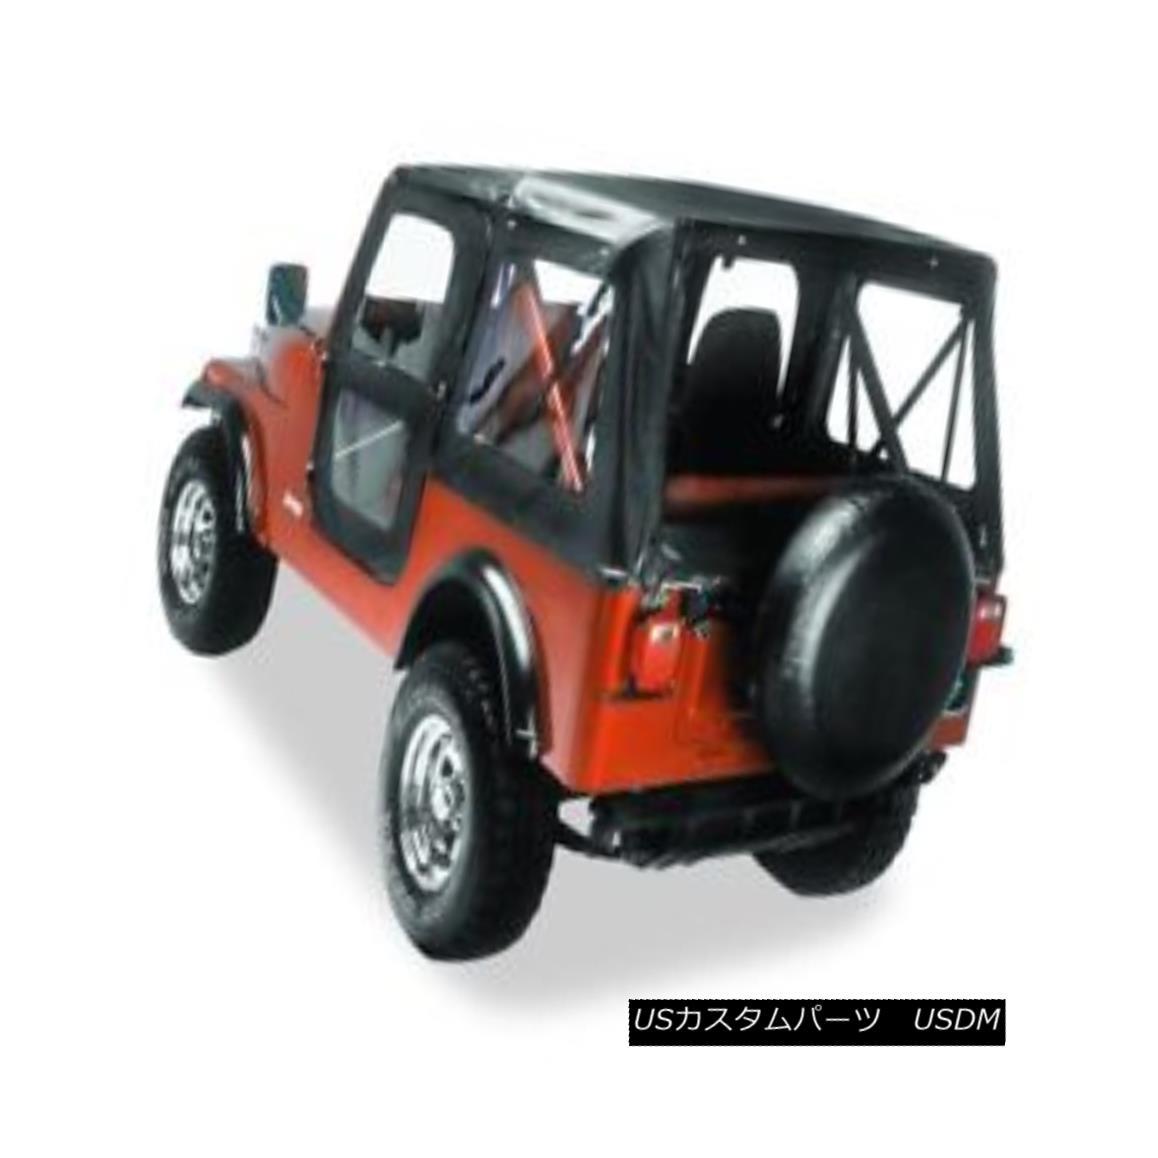 幌・ソフトトップ Bestop 51117-01 Jeep Replace-a-Top Soft Top Black Bestop 51117-01ジープ交換トップトップソフトトップブラック